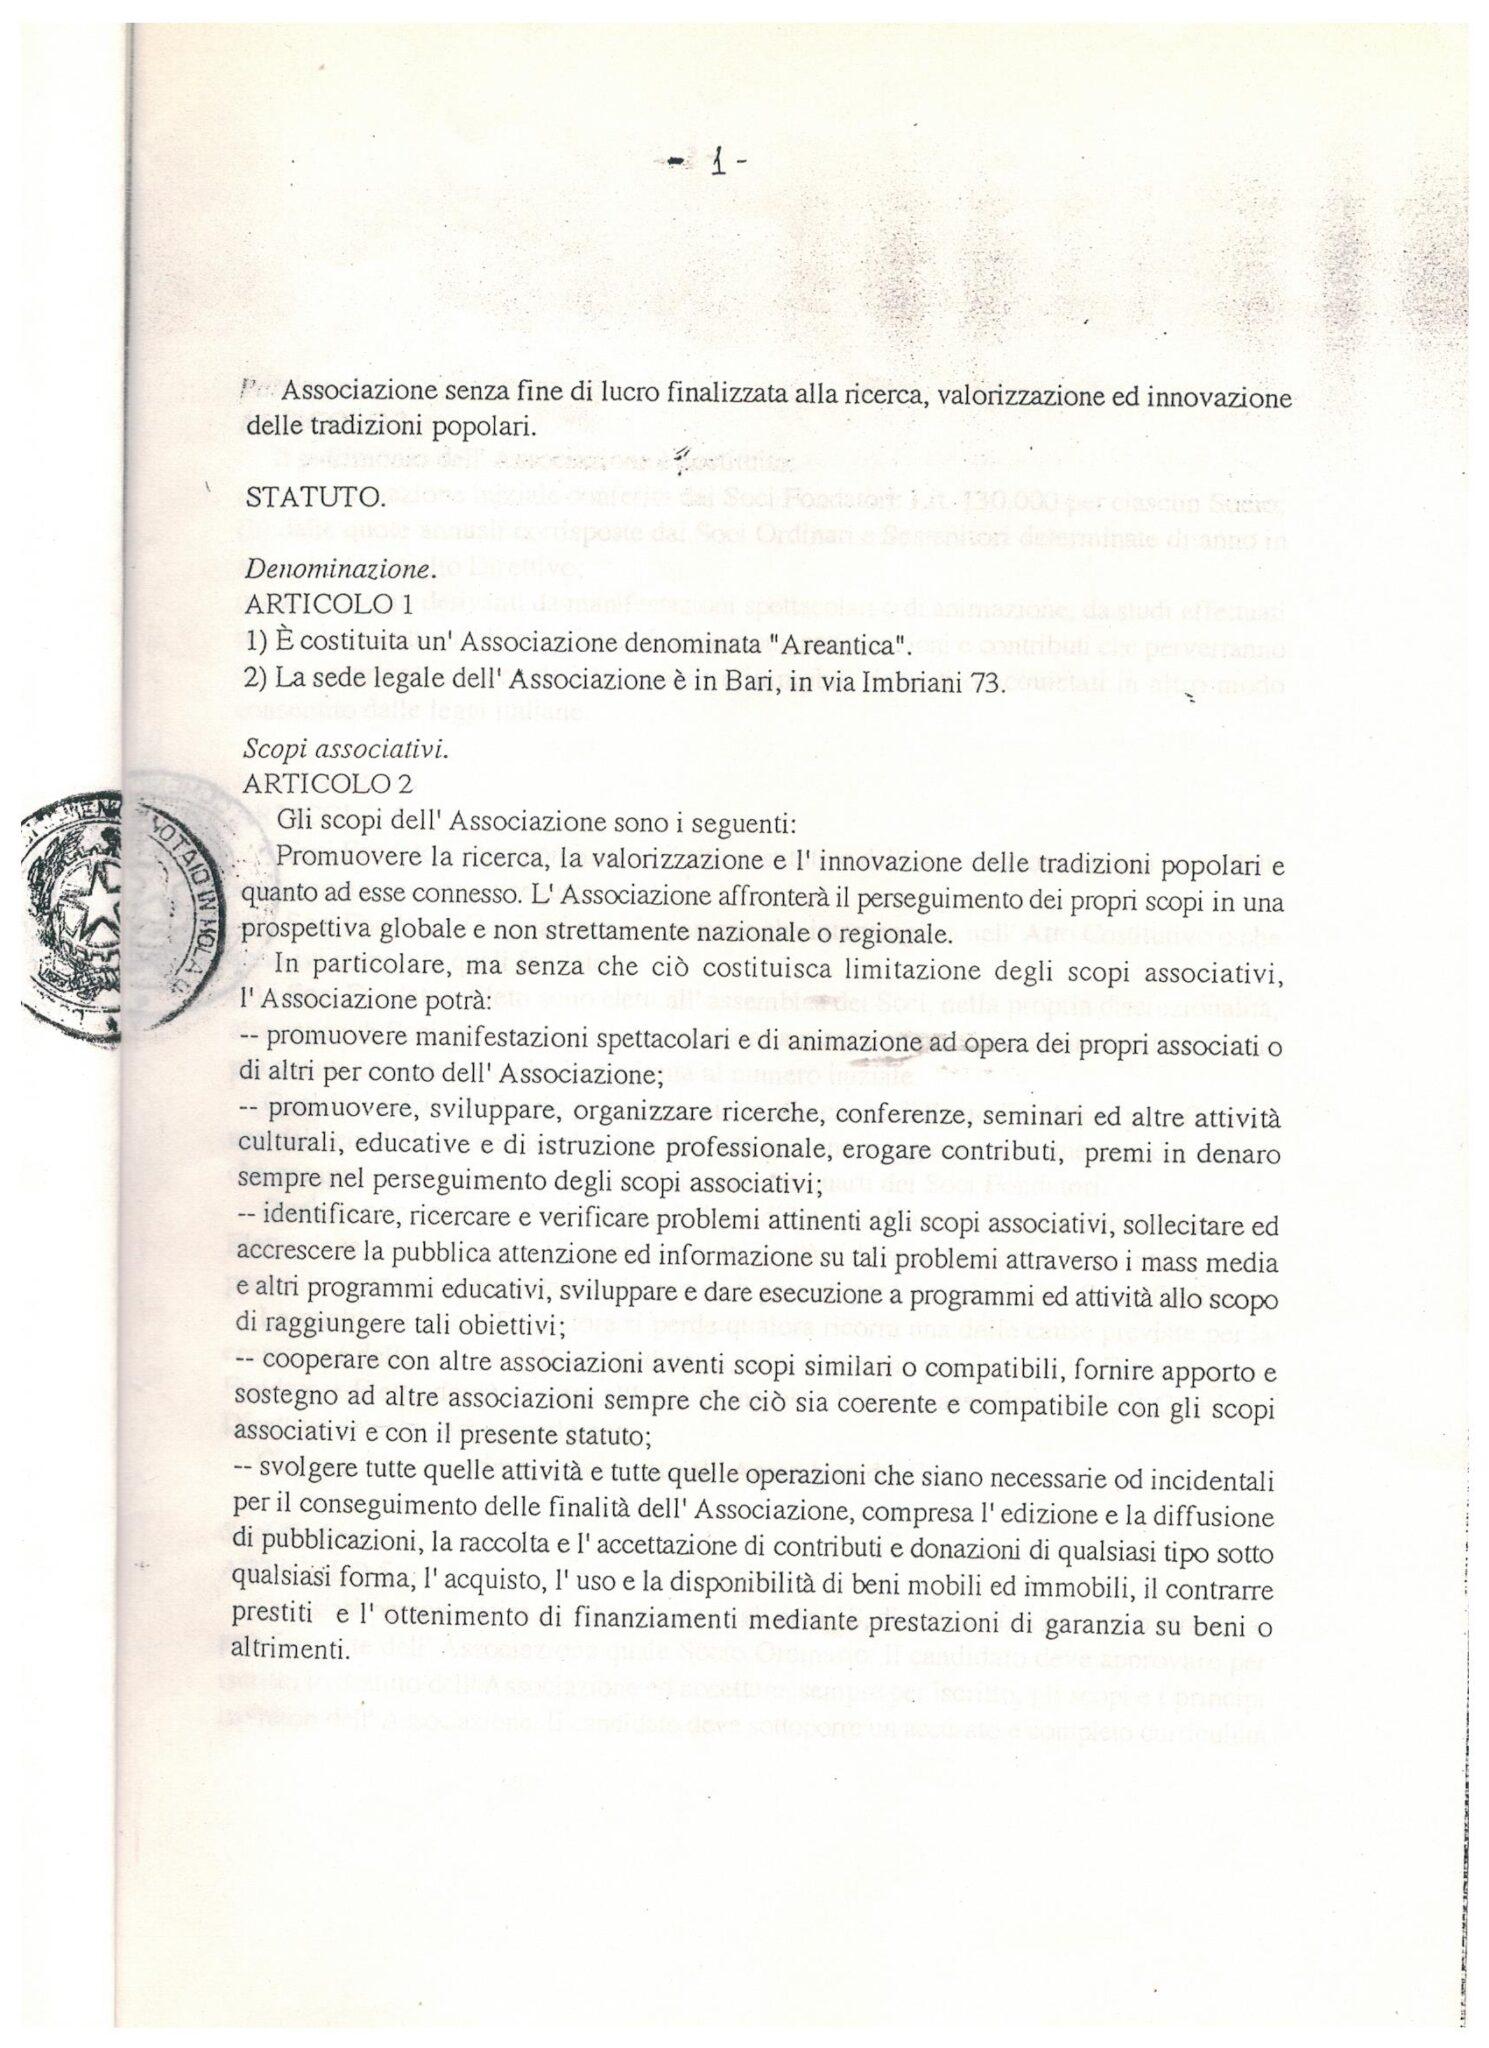 STATUTO 3